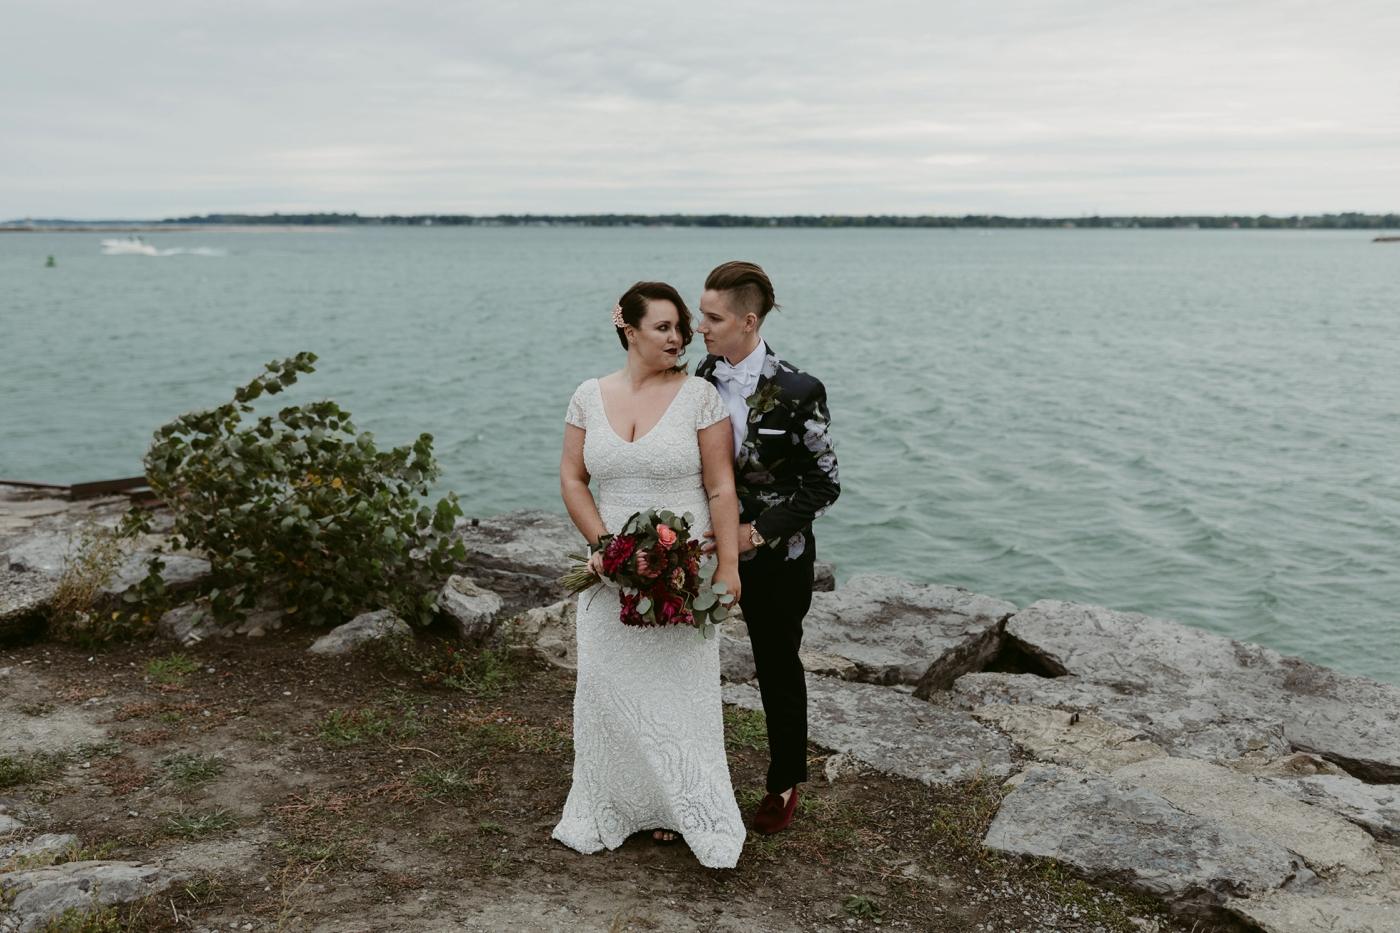 Buffalo-Wedding-Babeville-NY-Courtney+Liz_MJPHOTO-361.jpg